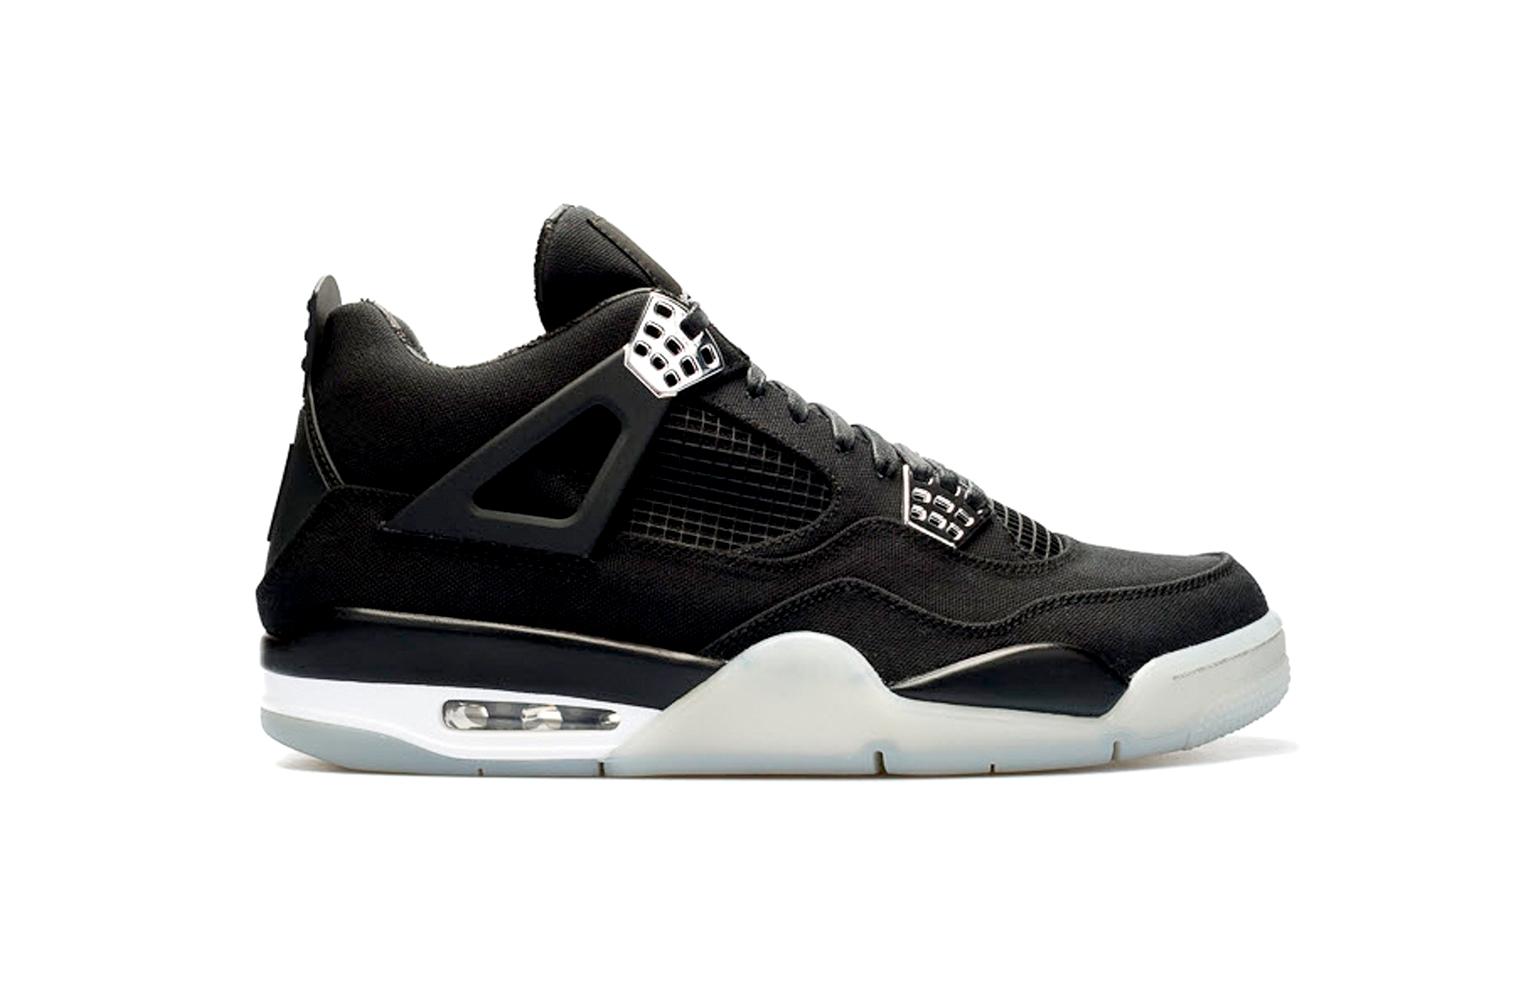 Eminem x Carhartt X Nike Air Jordan 4 Retro